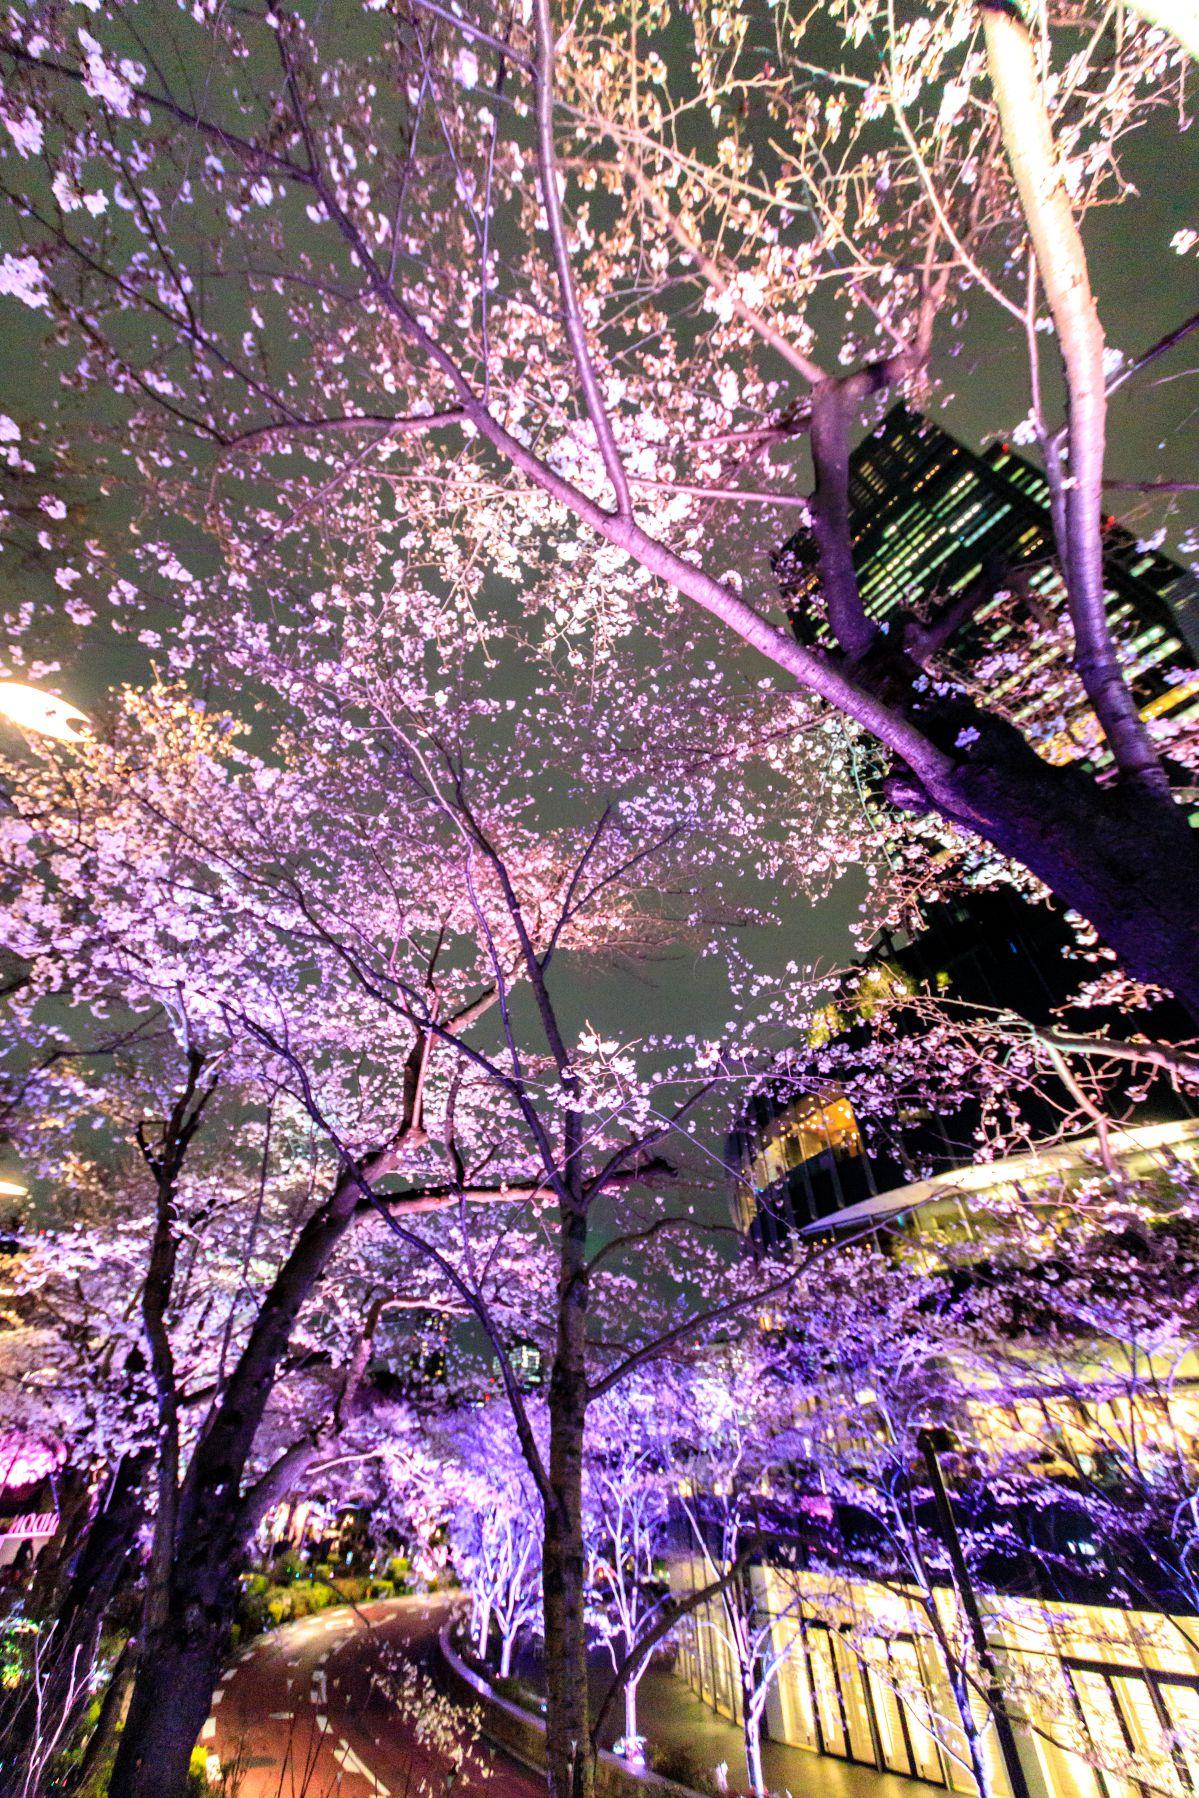 作品「六本木、踊る桜(Dancing Sakura in Roppongi)」